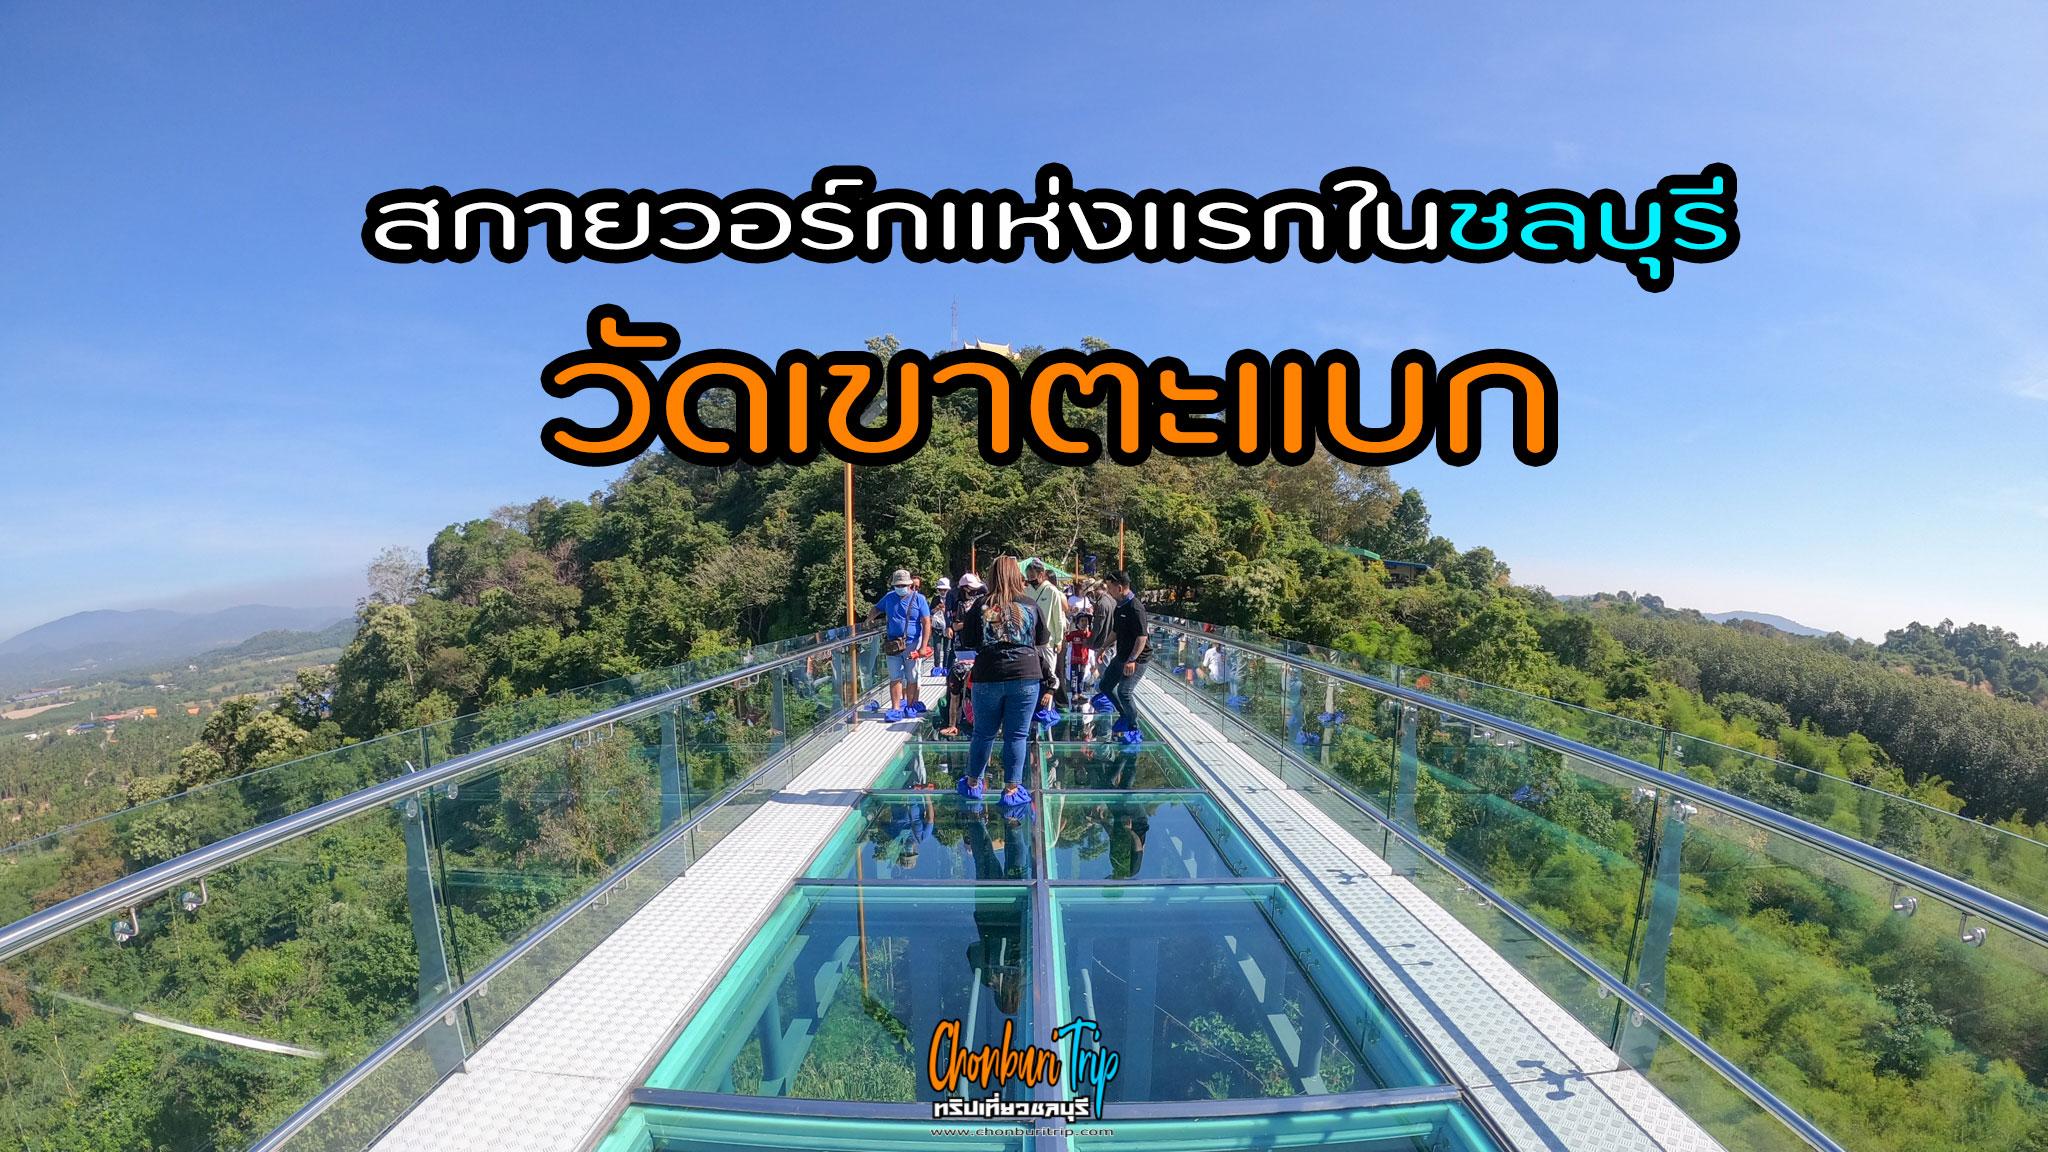 สะพานกระจกวัดเขาตะแบก-สกายวอร์กแห่งแรกในชลบุรีรีวิว